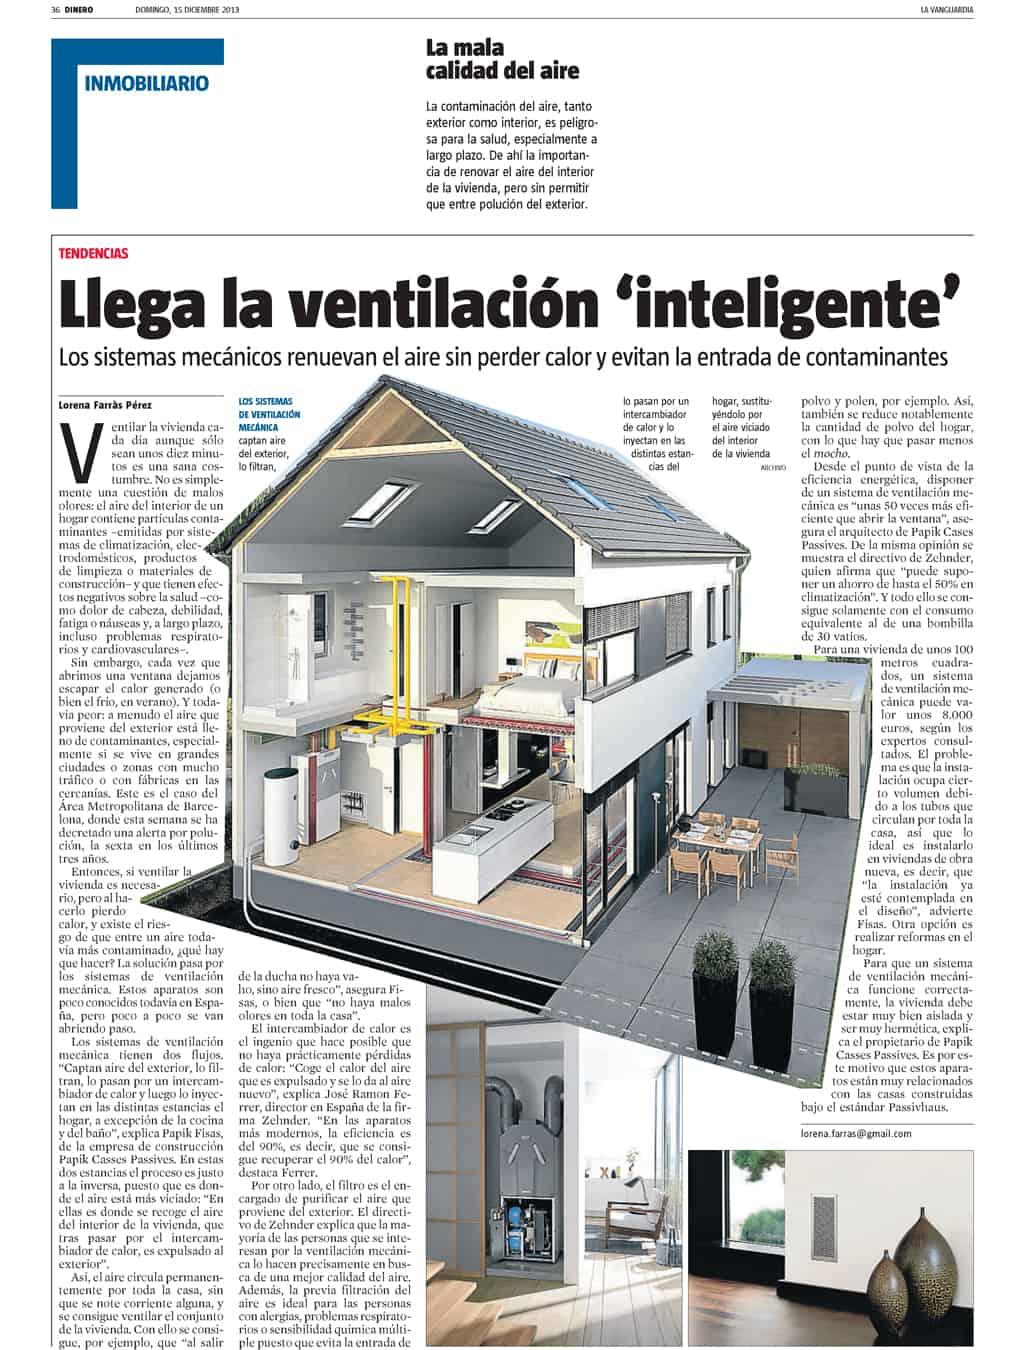 Llega la ventilación inteligente – La Vanguardia